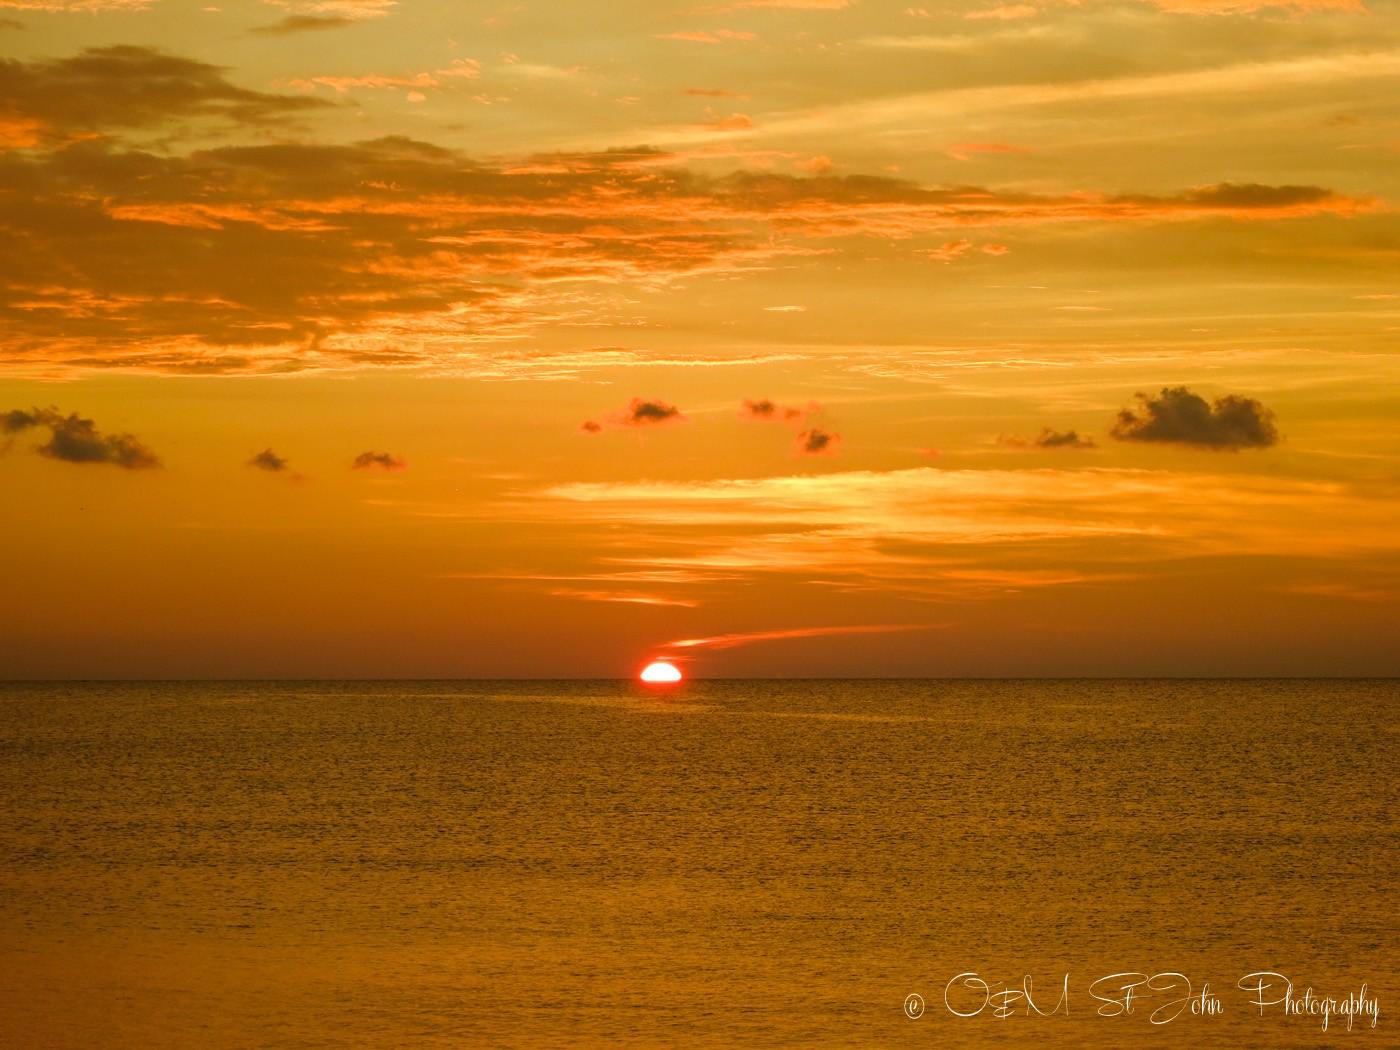 Sunset at Mañana Borneo Resort, Sabah